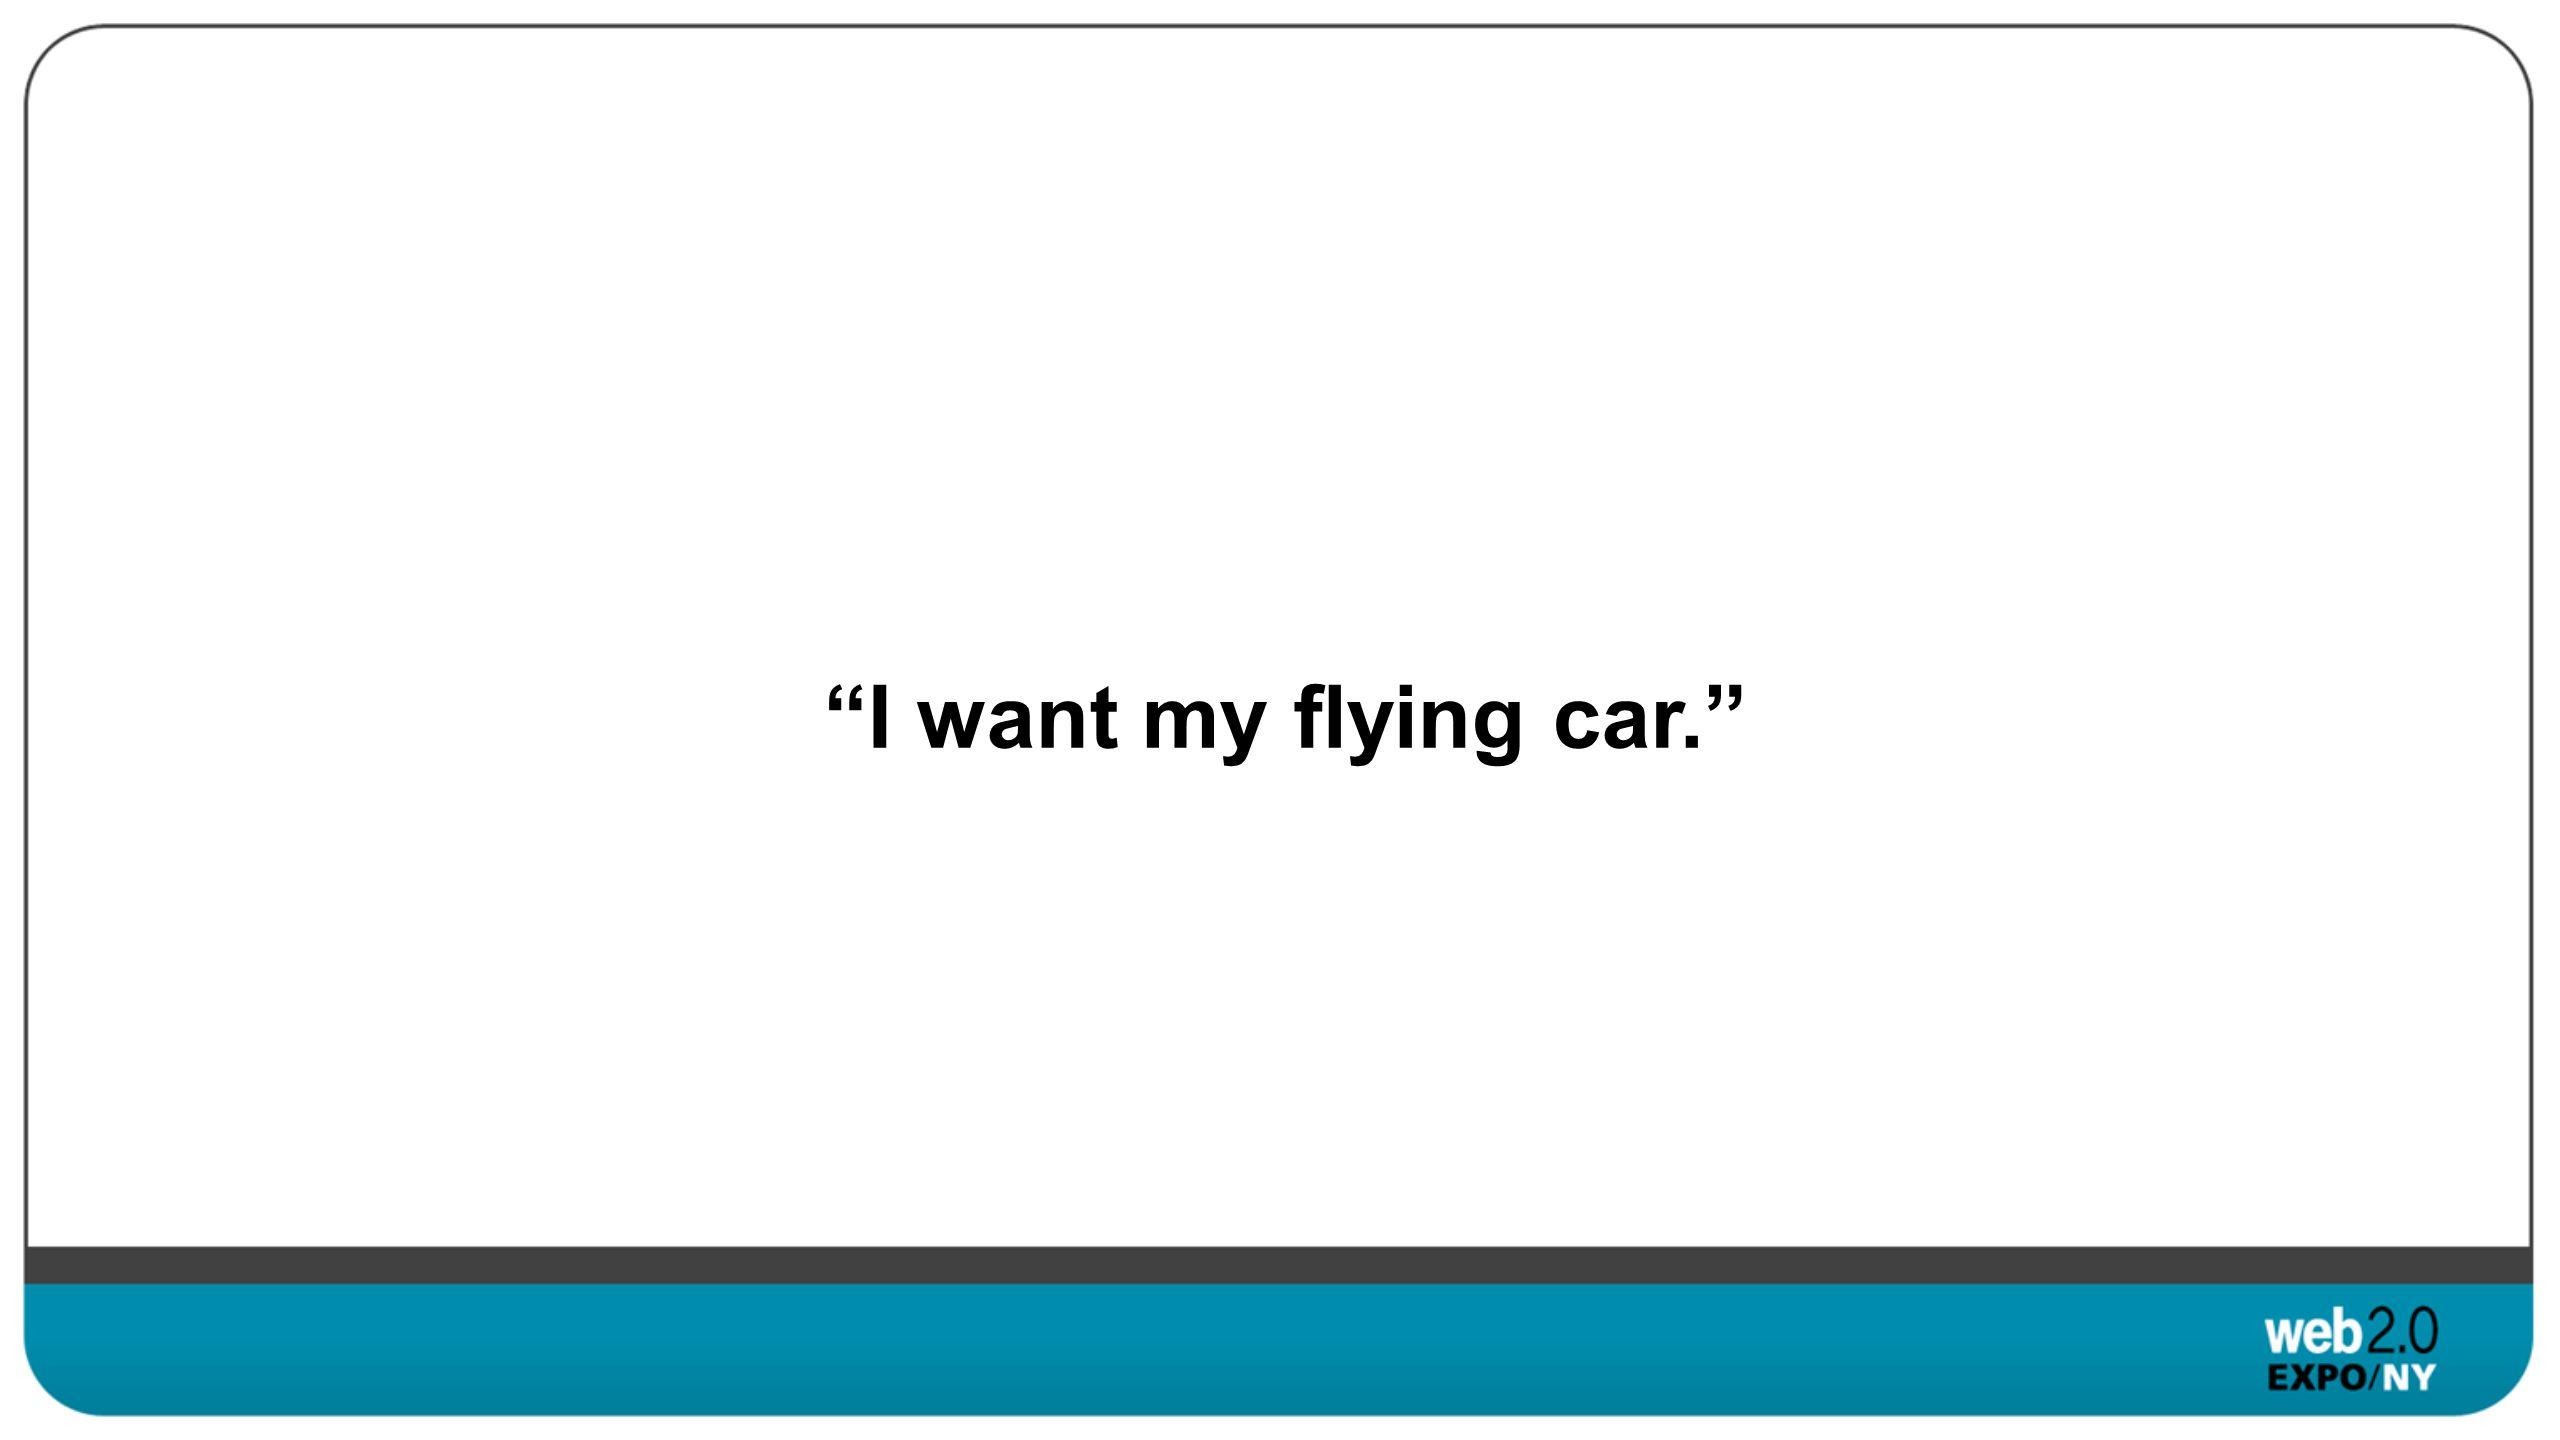 I want my flying car.